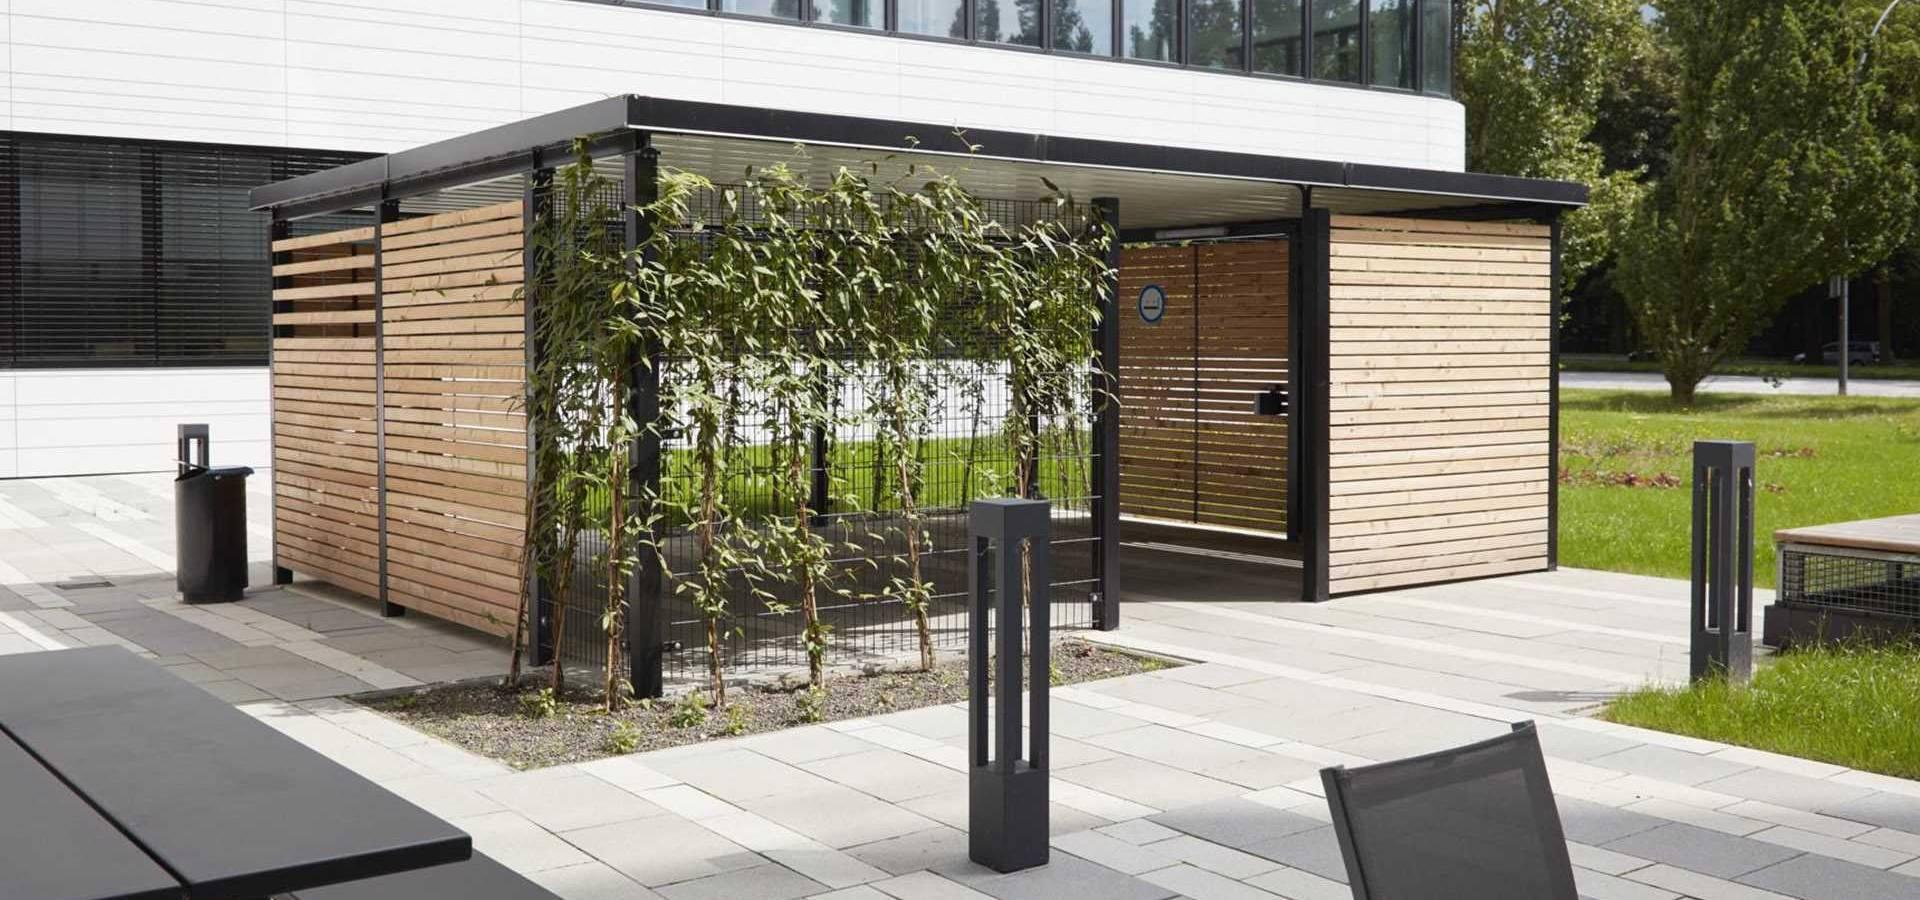 projekt w – Systeme aus Stahl GmbH